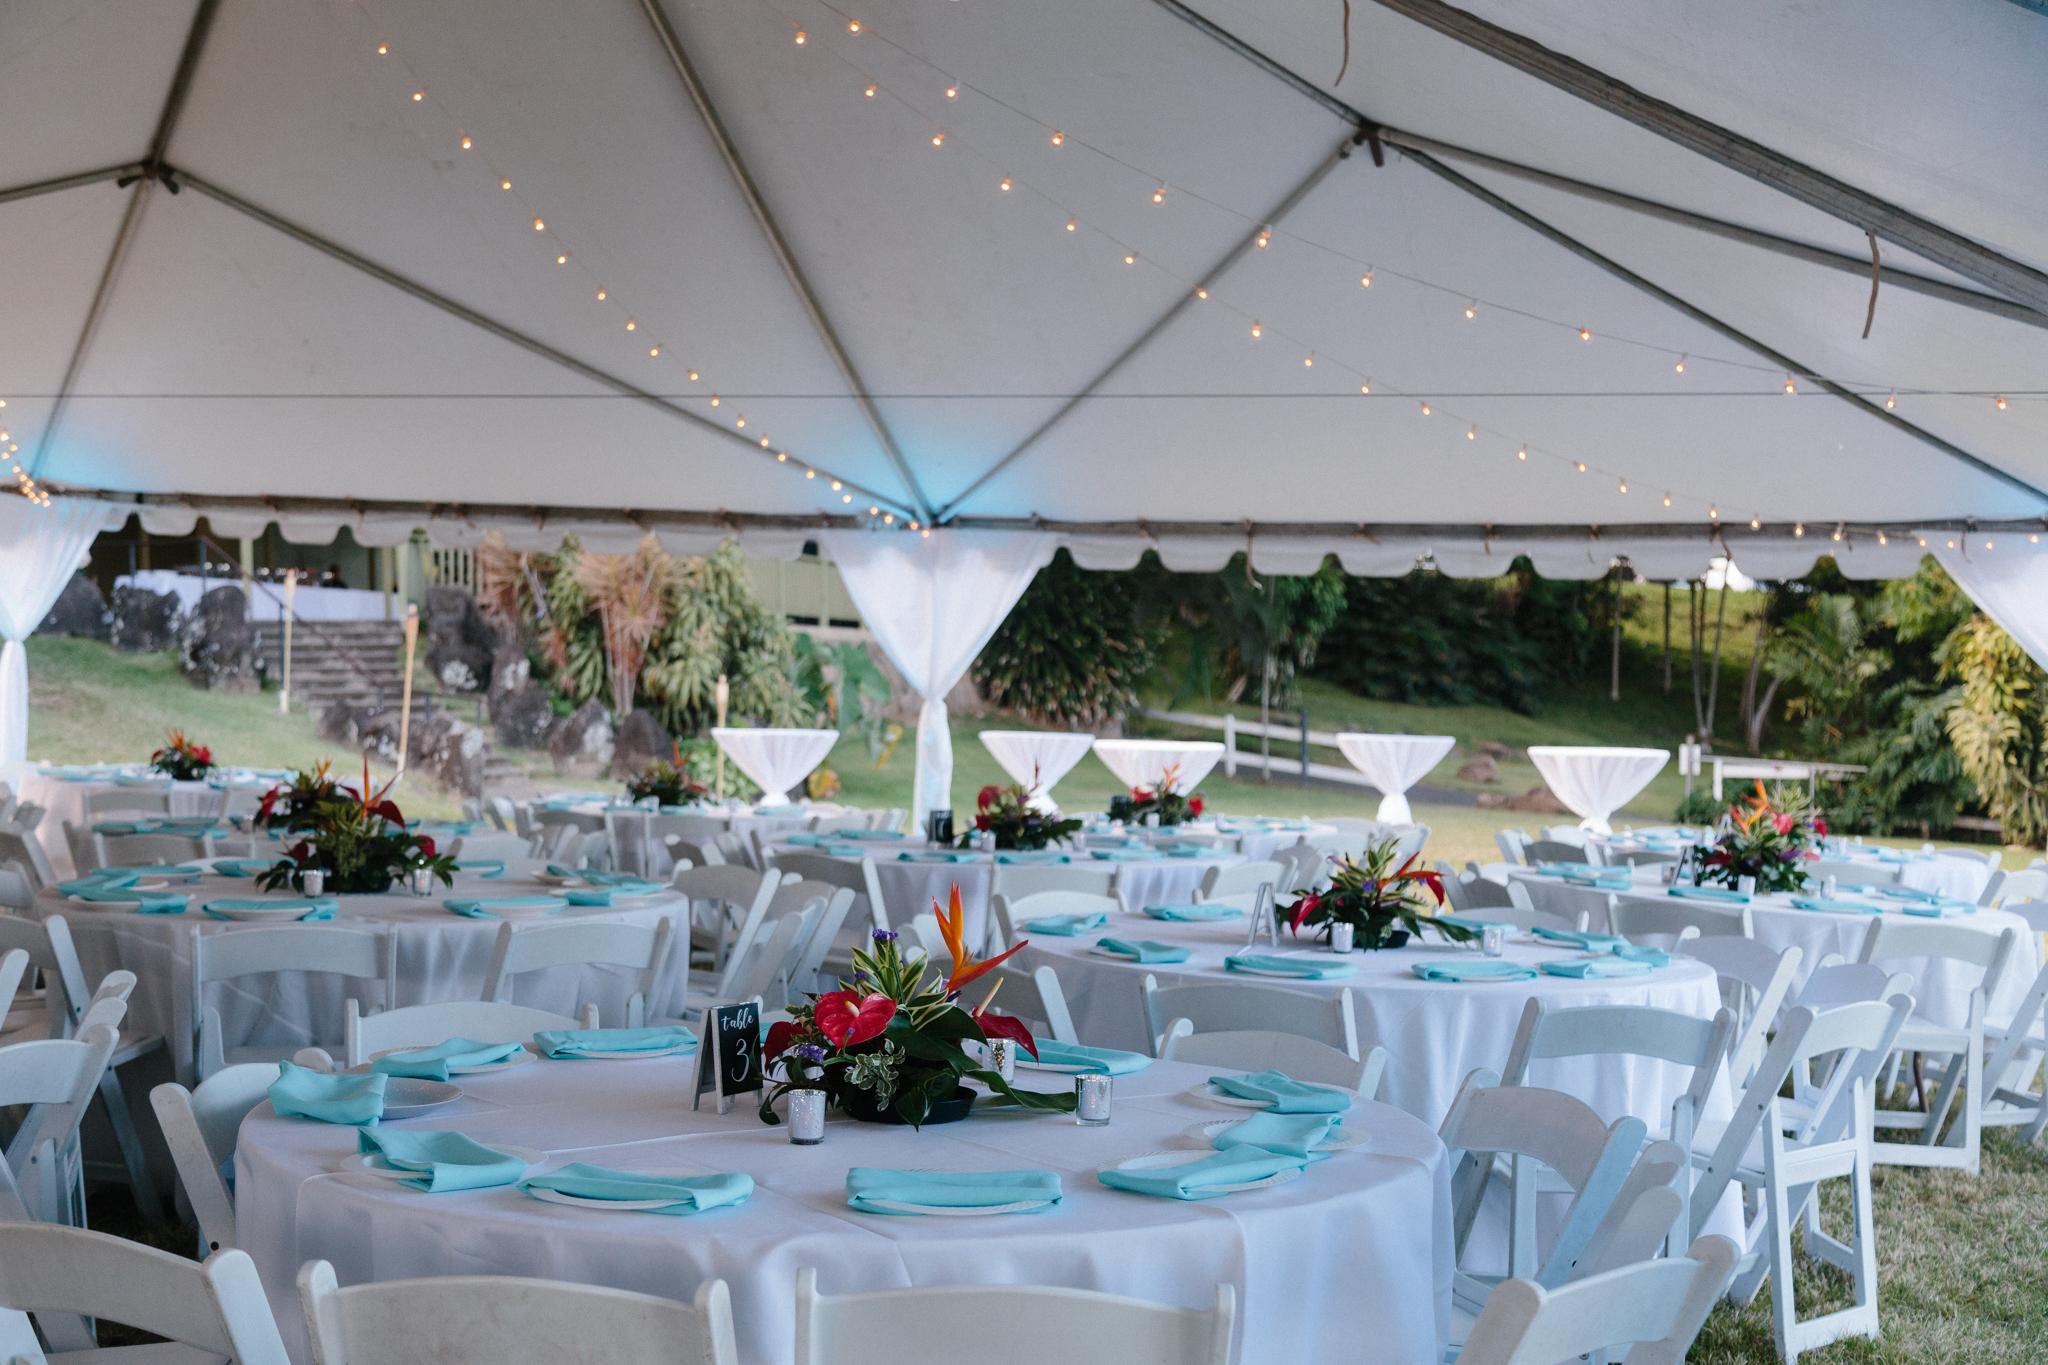 kualoa_ranch_wedding_photography_tone_hawaii-12.jpg